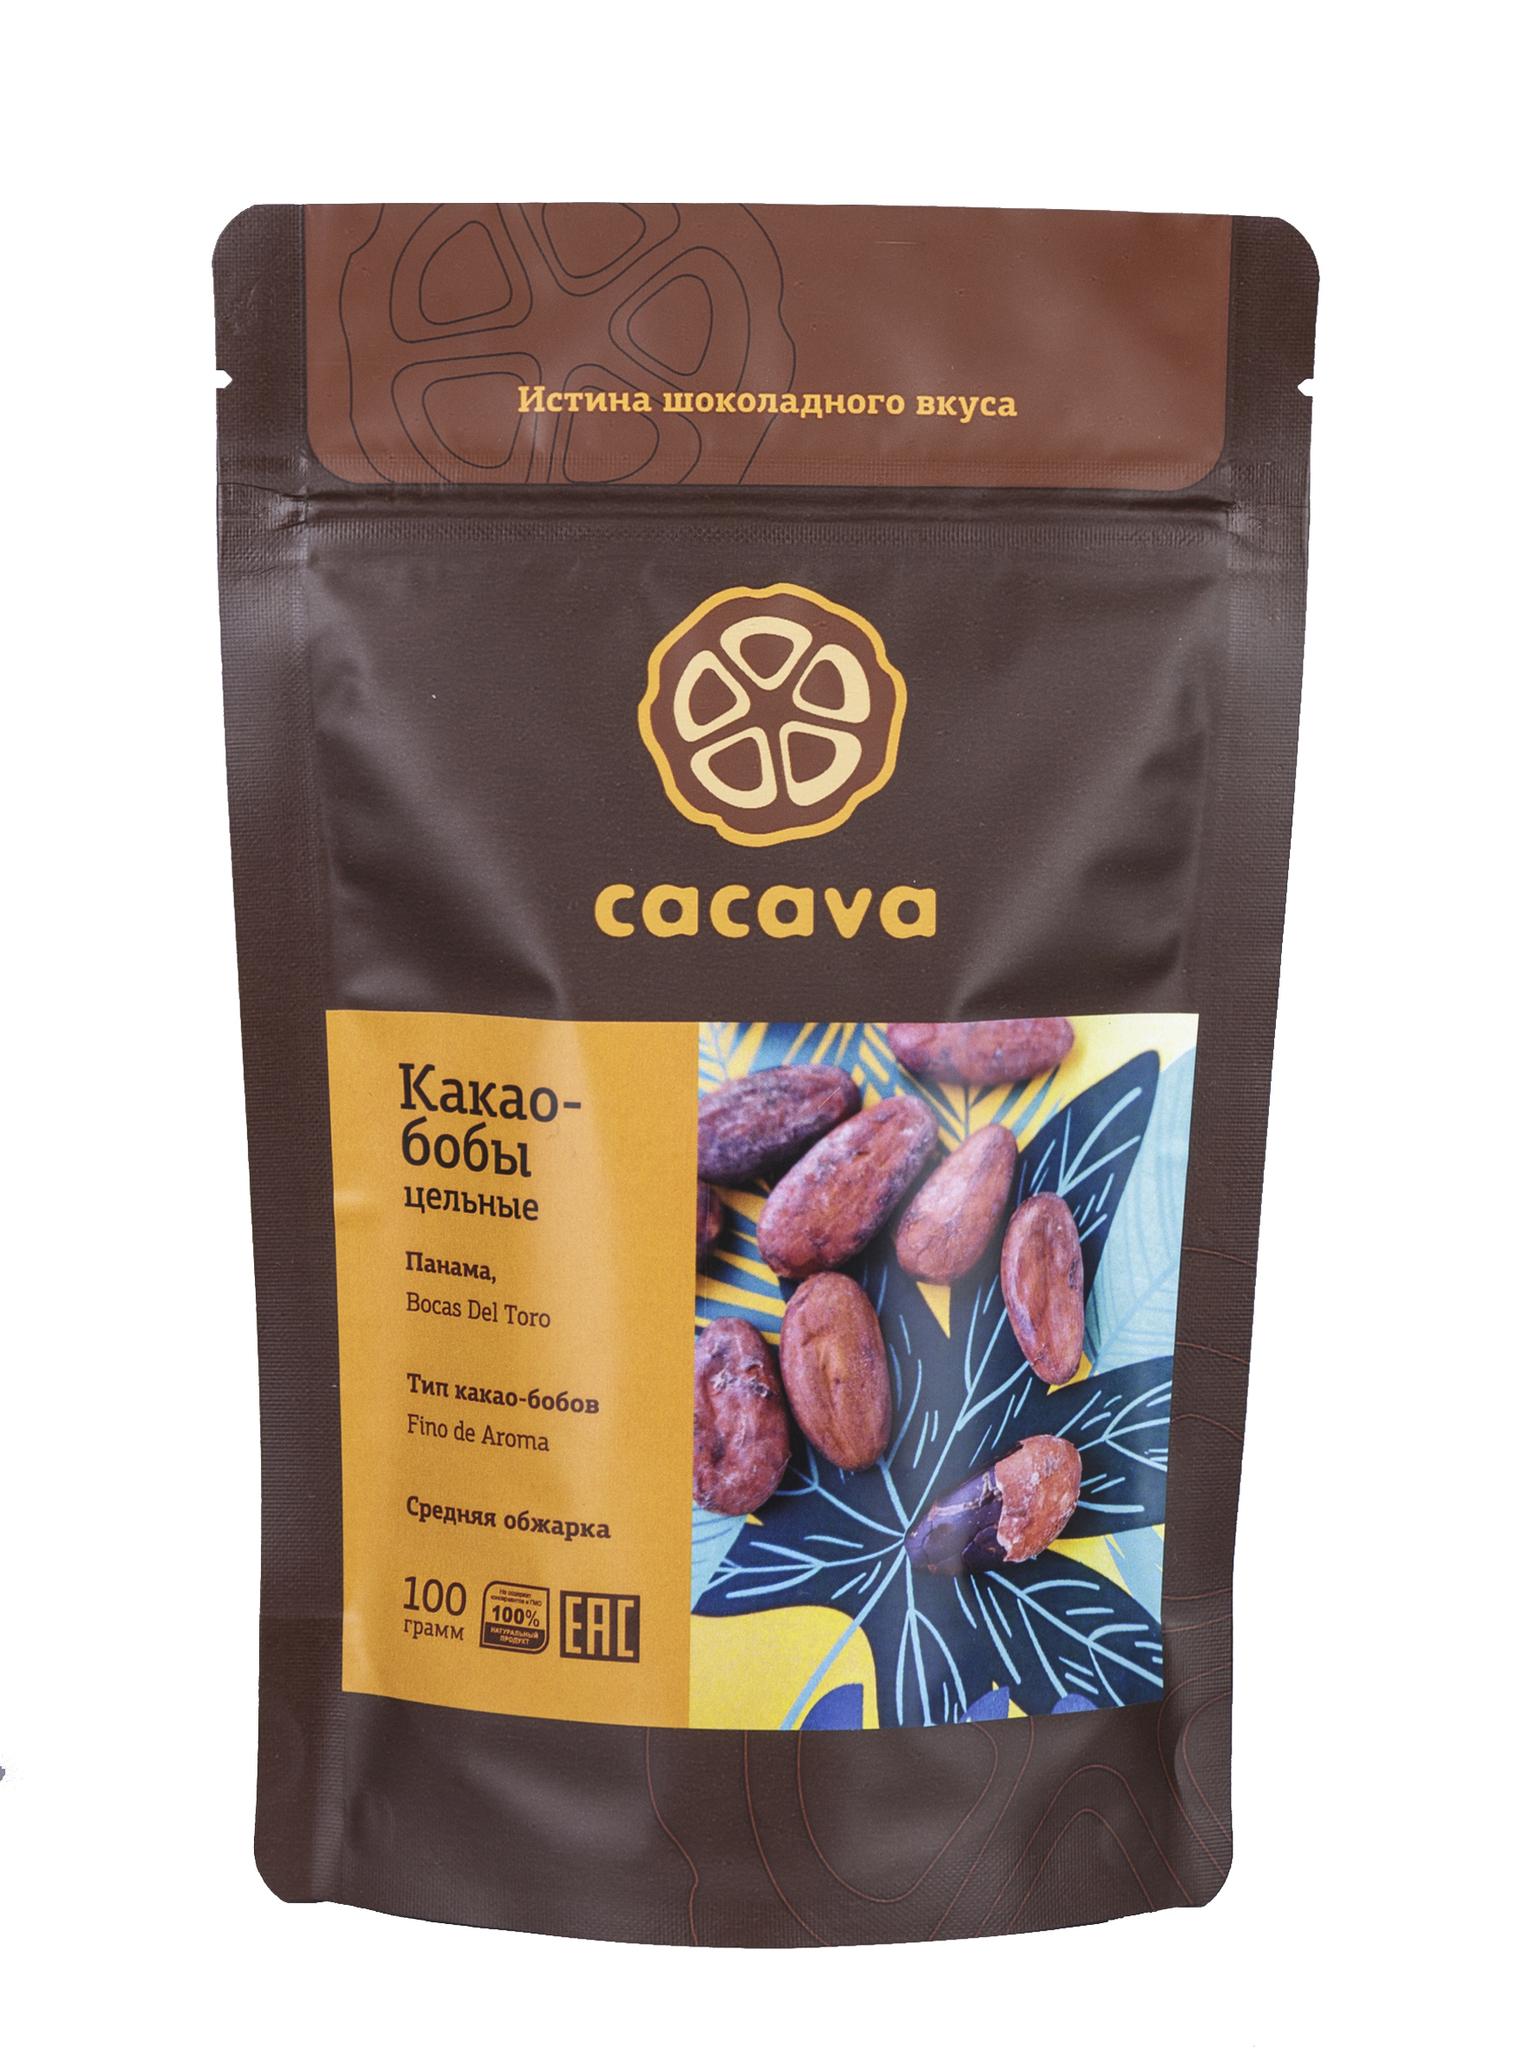 Какао-бобы цельные (Панама), упаковка 100 грамм